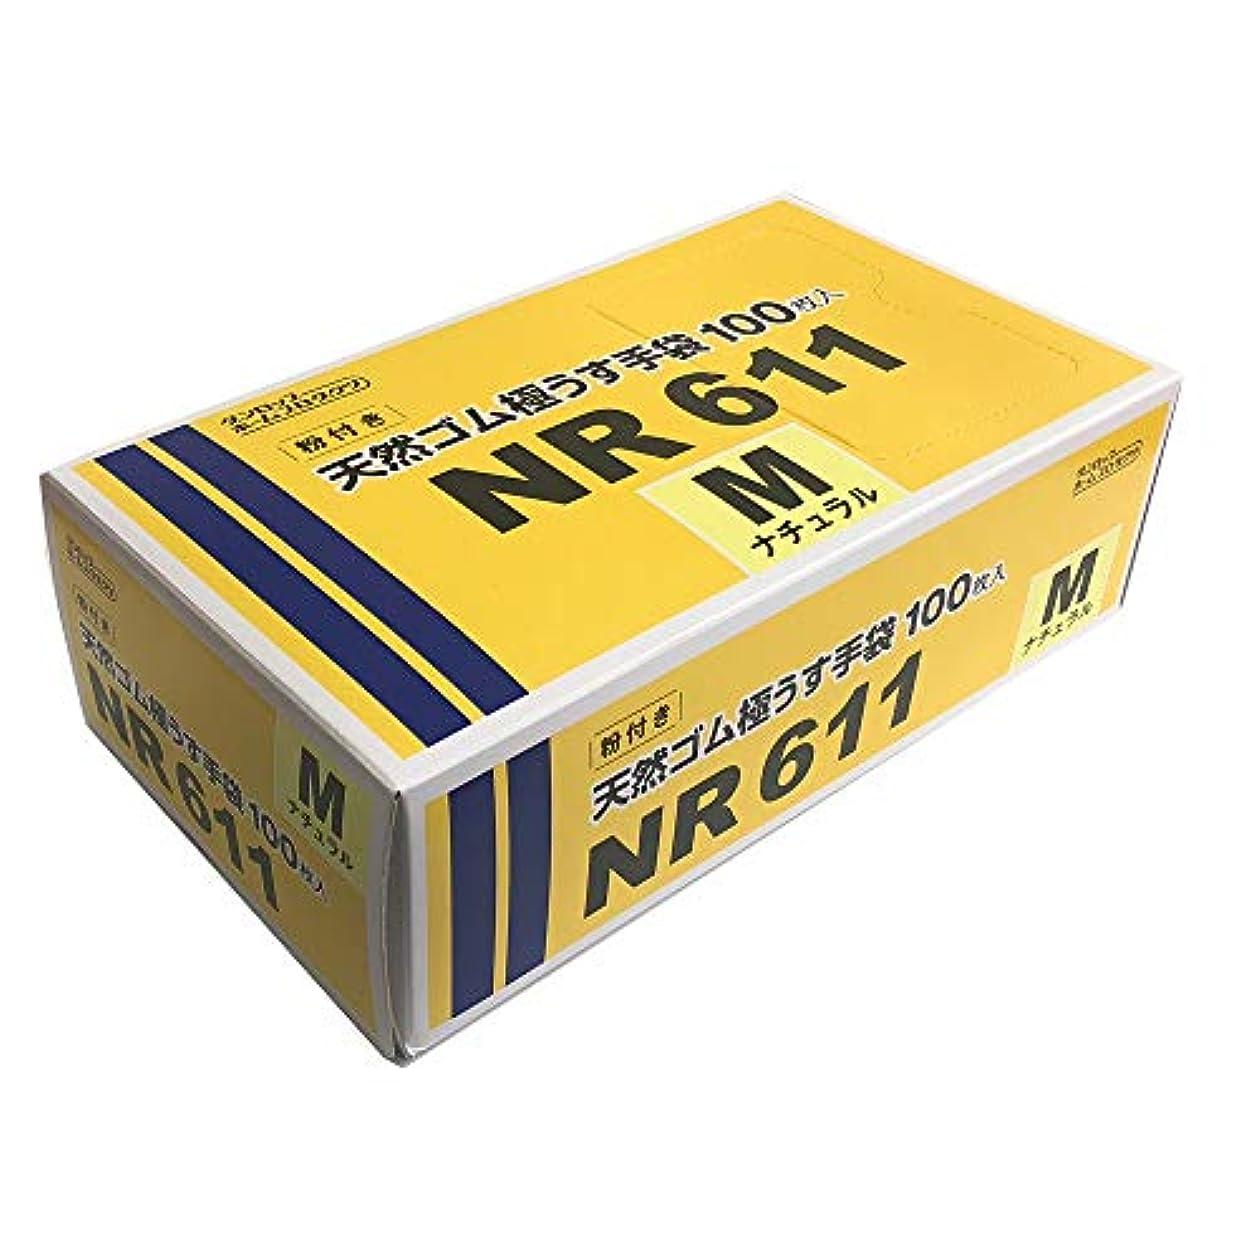 ブランチフリッパー床DP NR611 粉付天然ゴム極薄手袋M-N